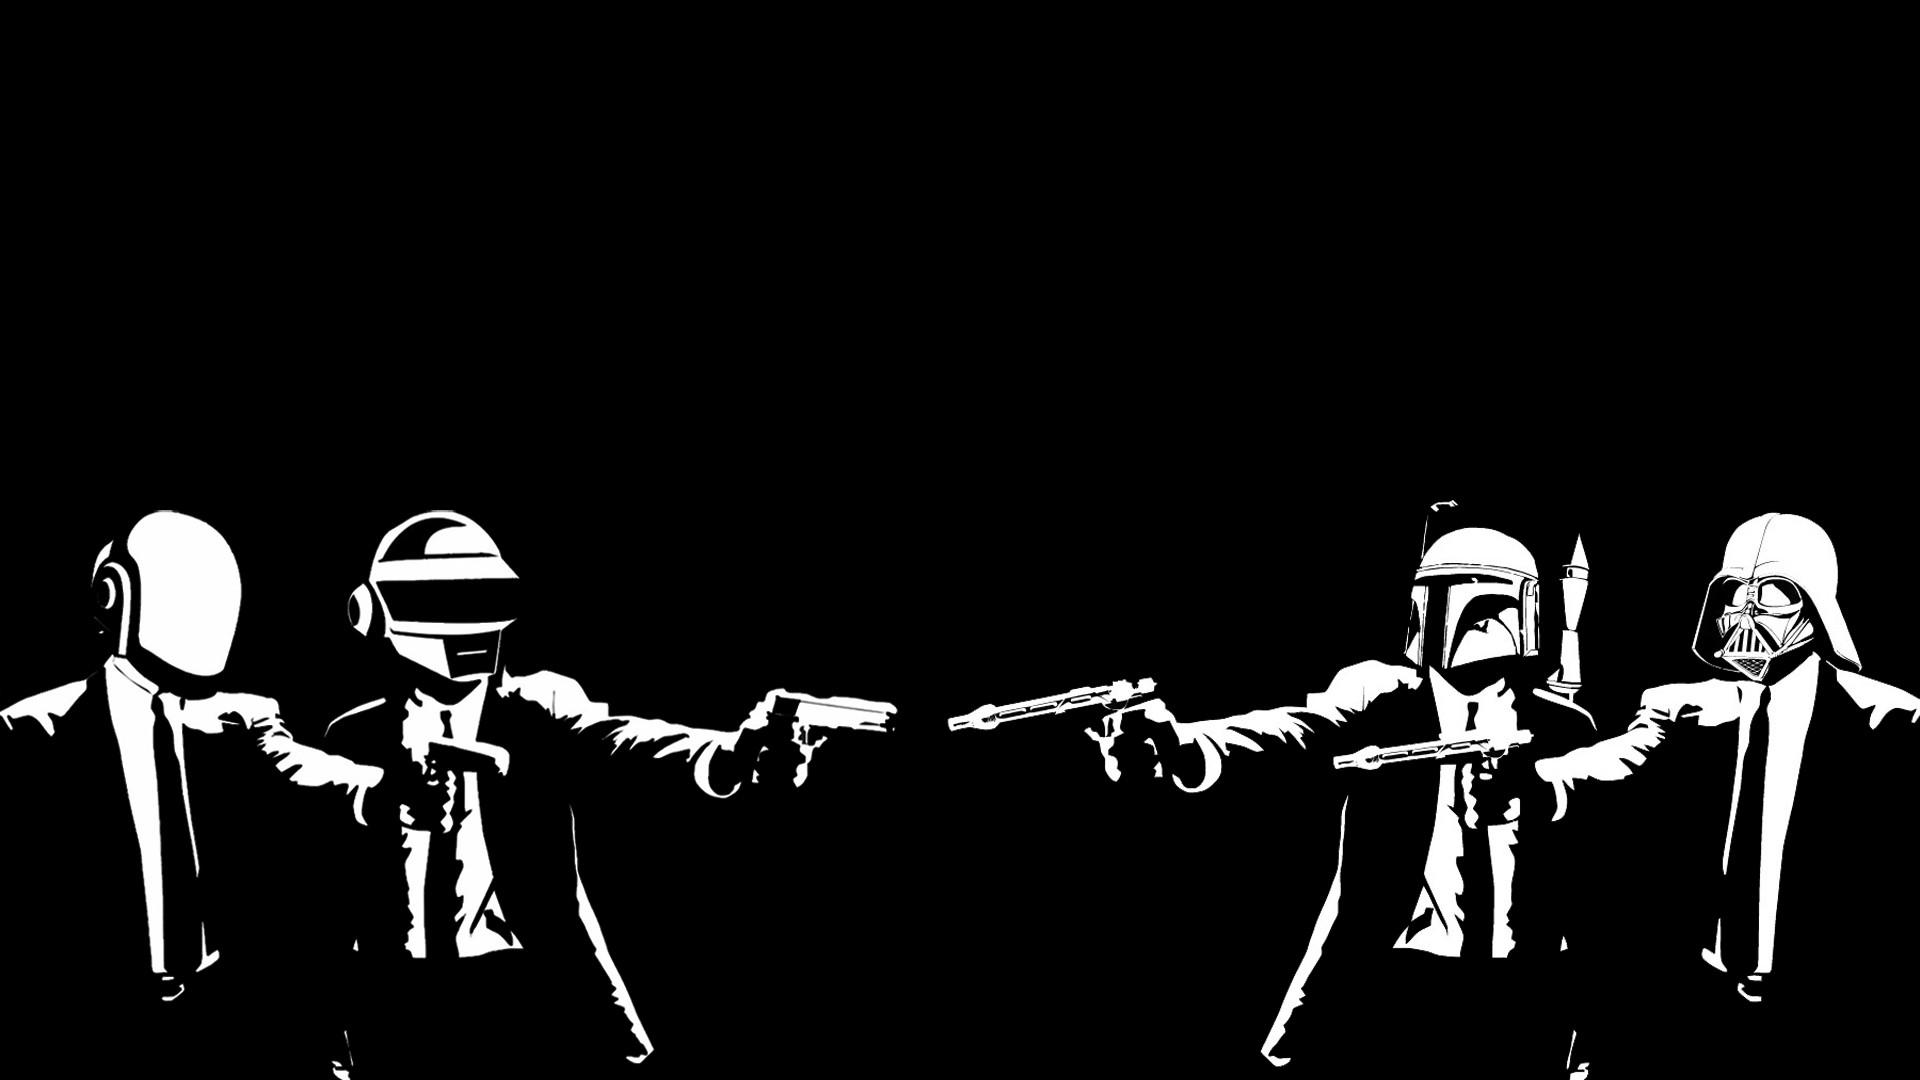 Photoshop Request] Pulp Fiction theme Destiny wallpaper